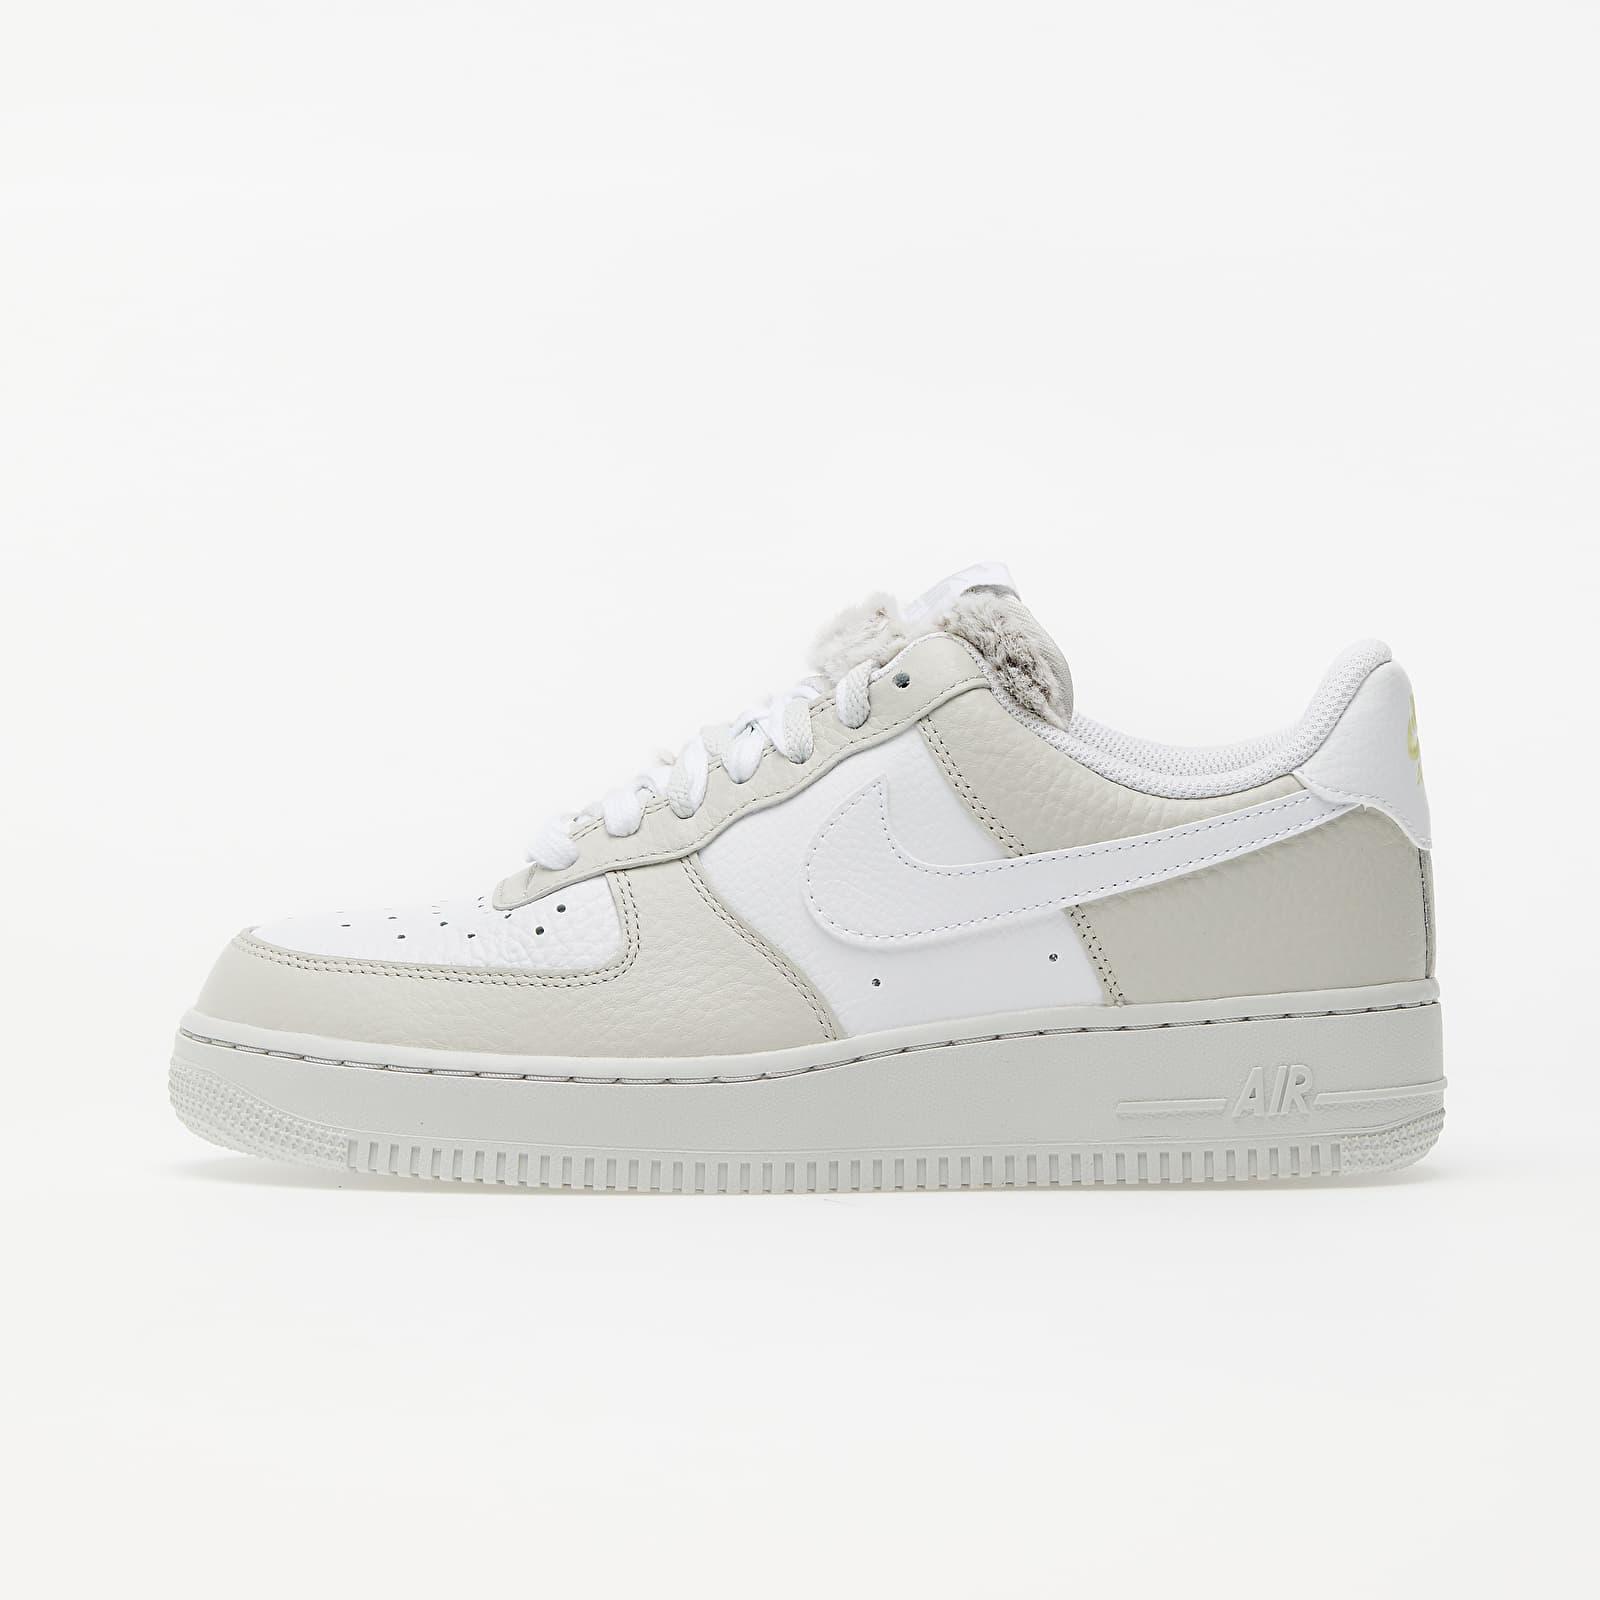 Moretón Imposible Cumbre  Women's shoes Nike Wmns Air Force 1 '07 Light Bone/ White-Photon Dust-Life  Lime | Footshop